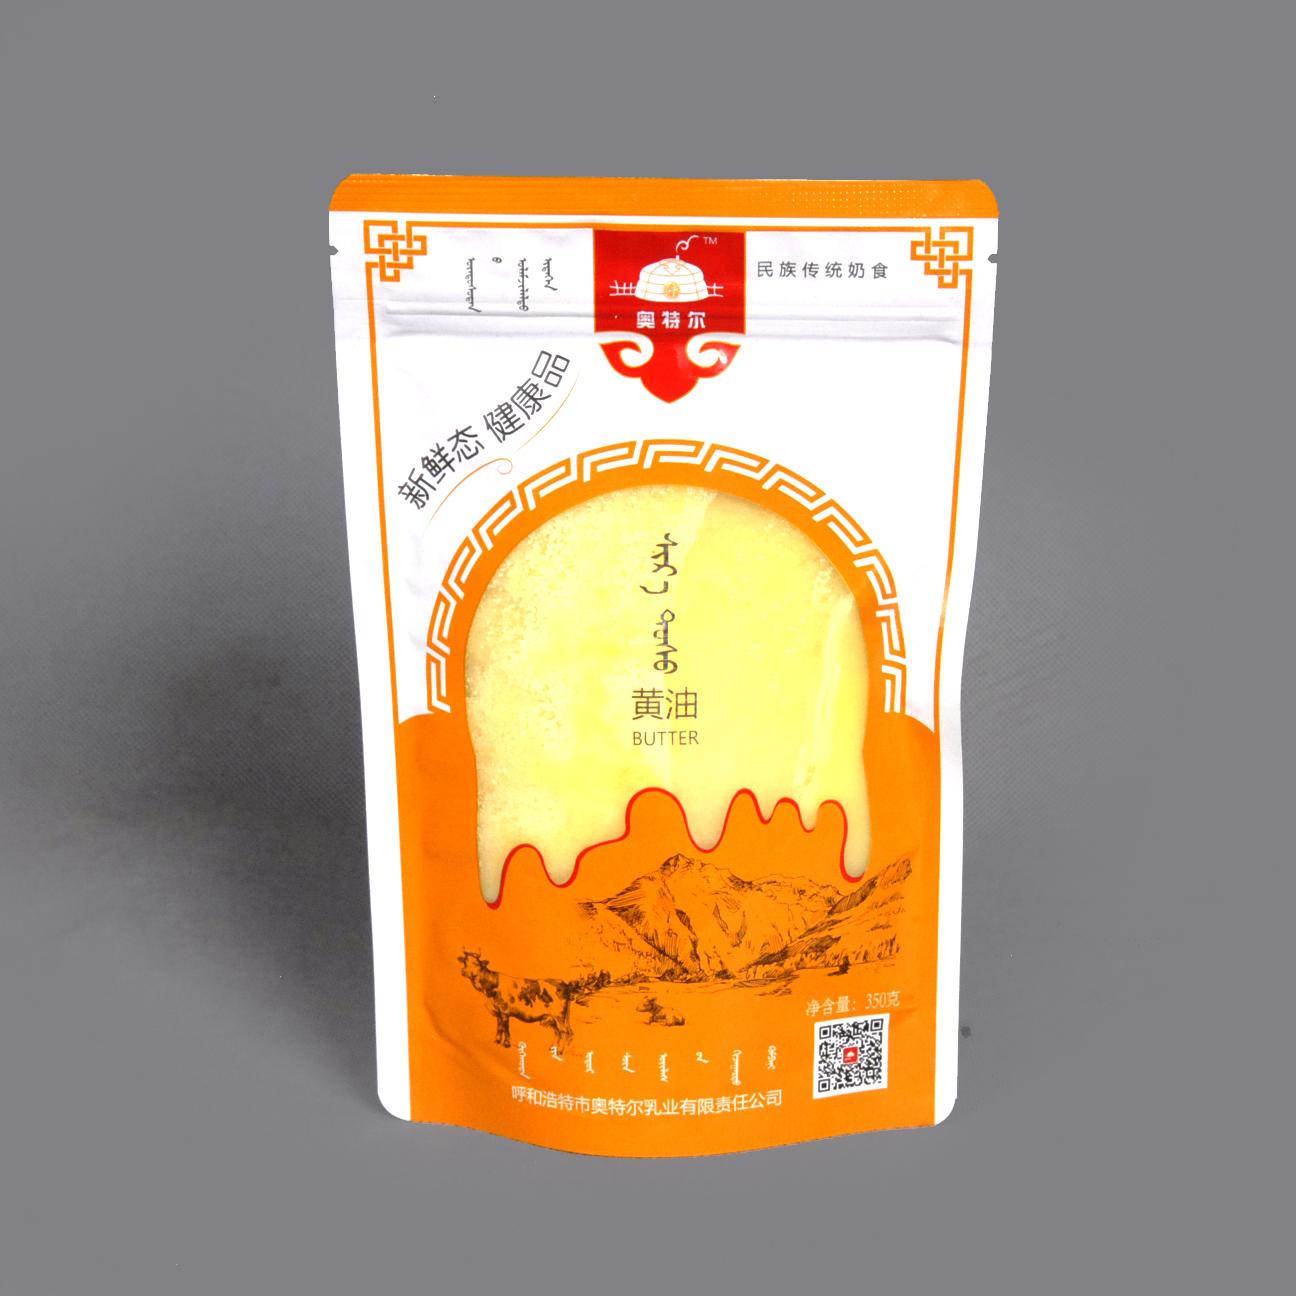 奥特尔 黄油  350ml